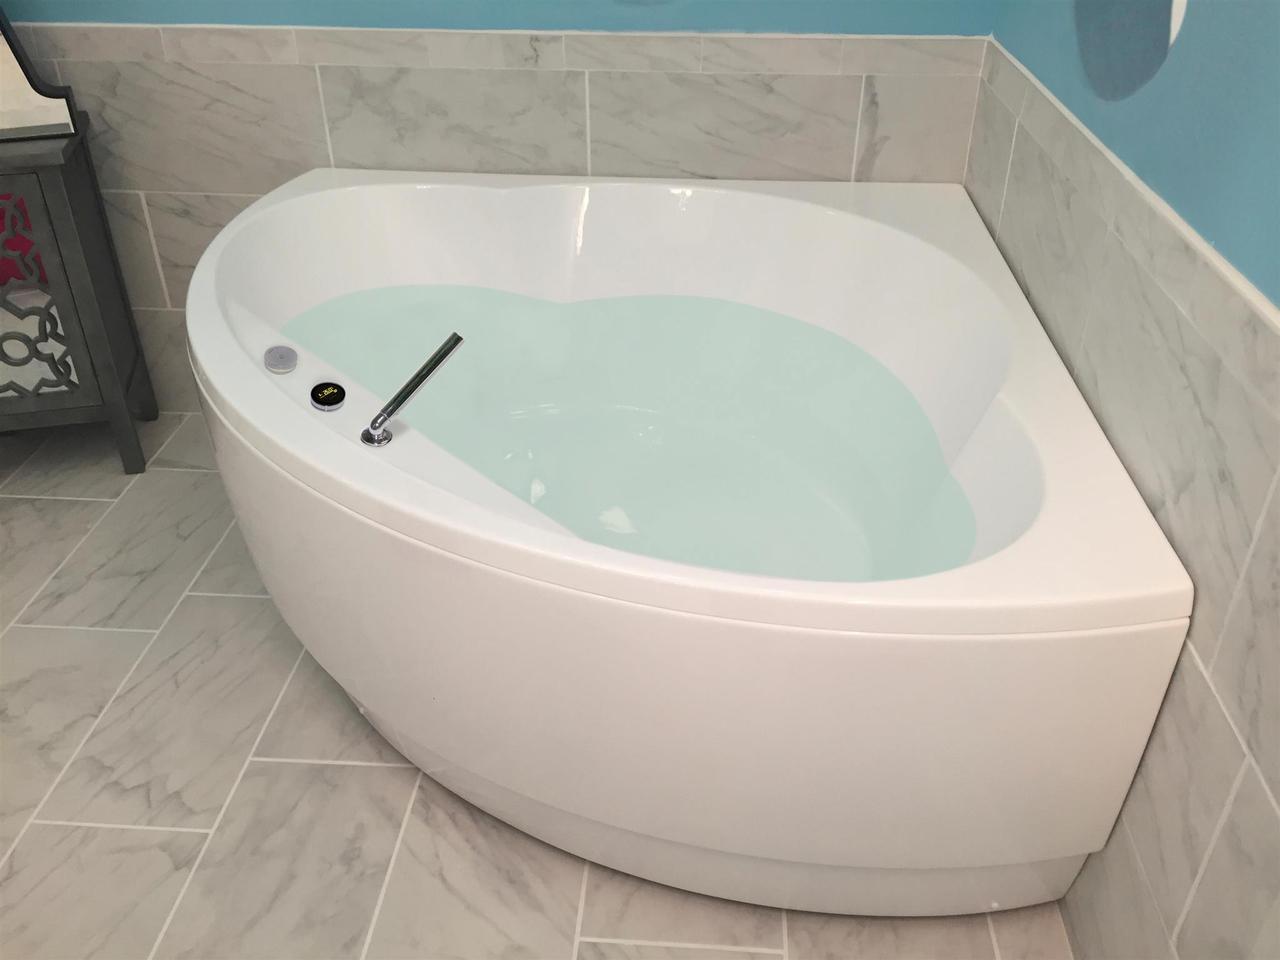 Angolare Per Vasca Da Bagno : Vasca da bagno angolare con sportello e a melendugno kijiji